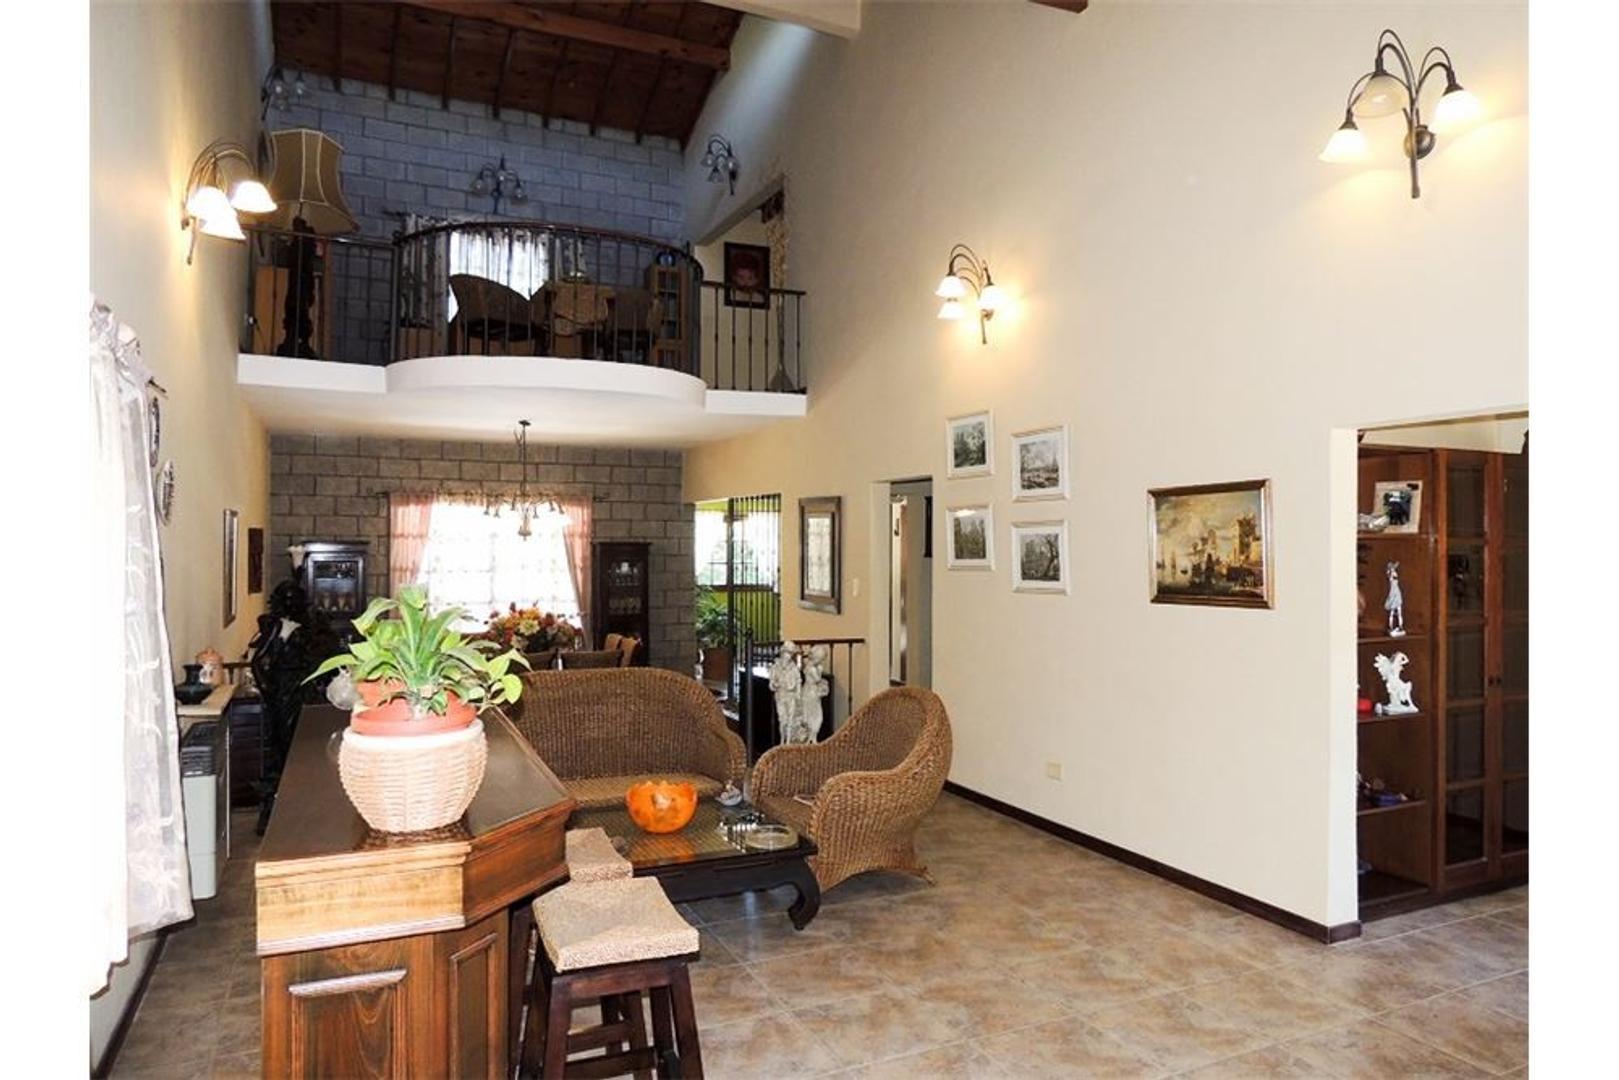 Casa en Venta en Ingeniero Maschwitz - 8 ambientes